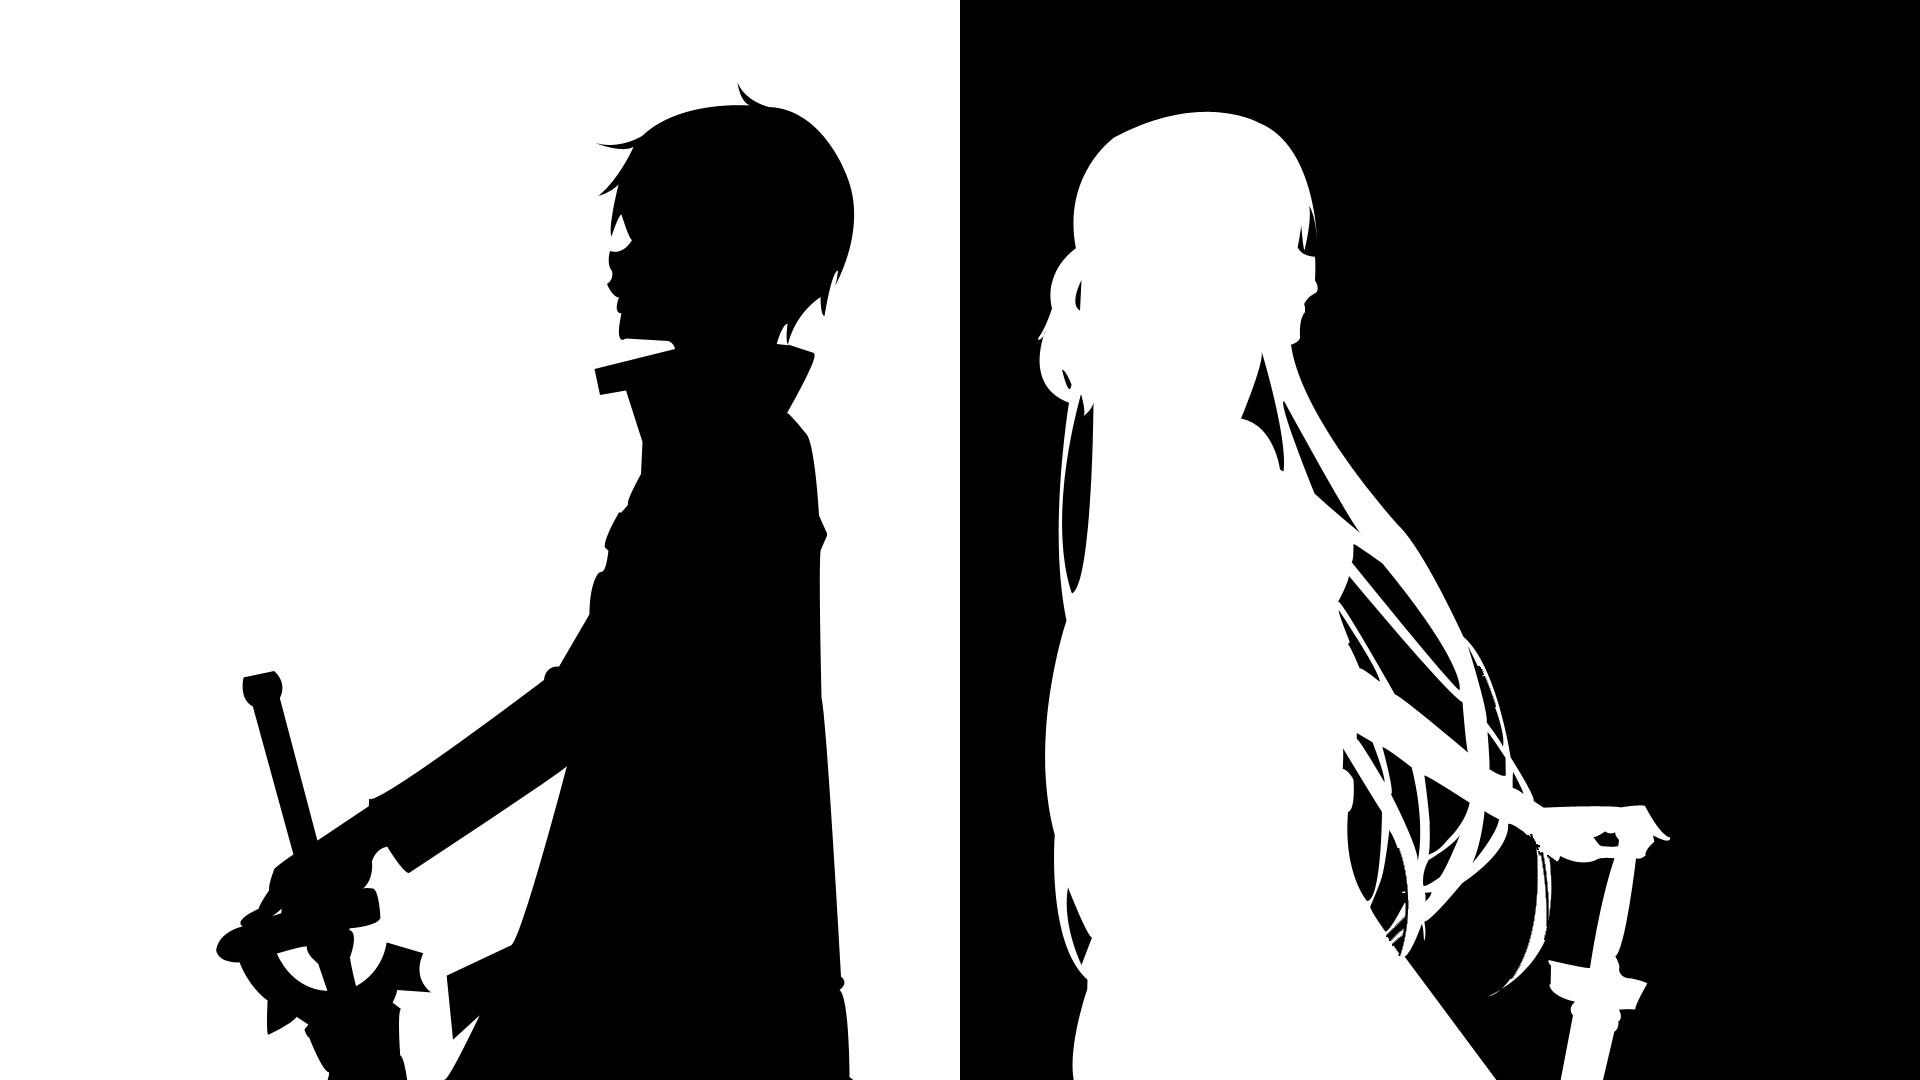 デスクトップ壁紙 図 アニメ ソードアートオンライン 霧ヶ谷和登